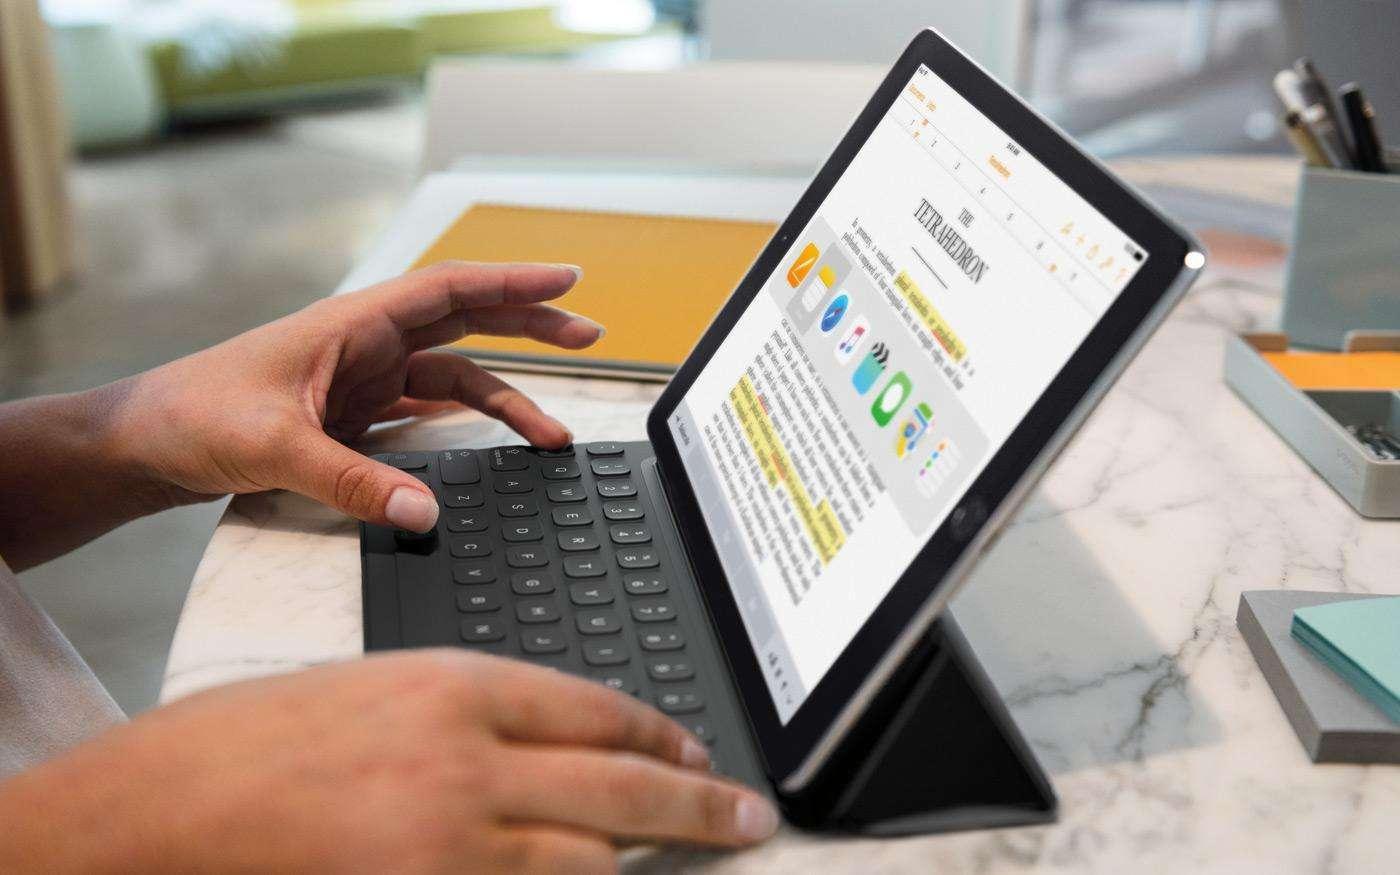 IPAD 平板電腦模型 蘋果平板電腦模型-黑色 20